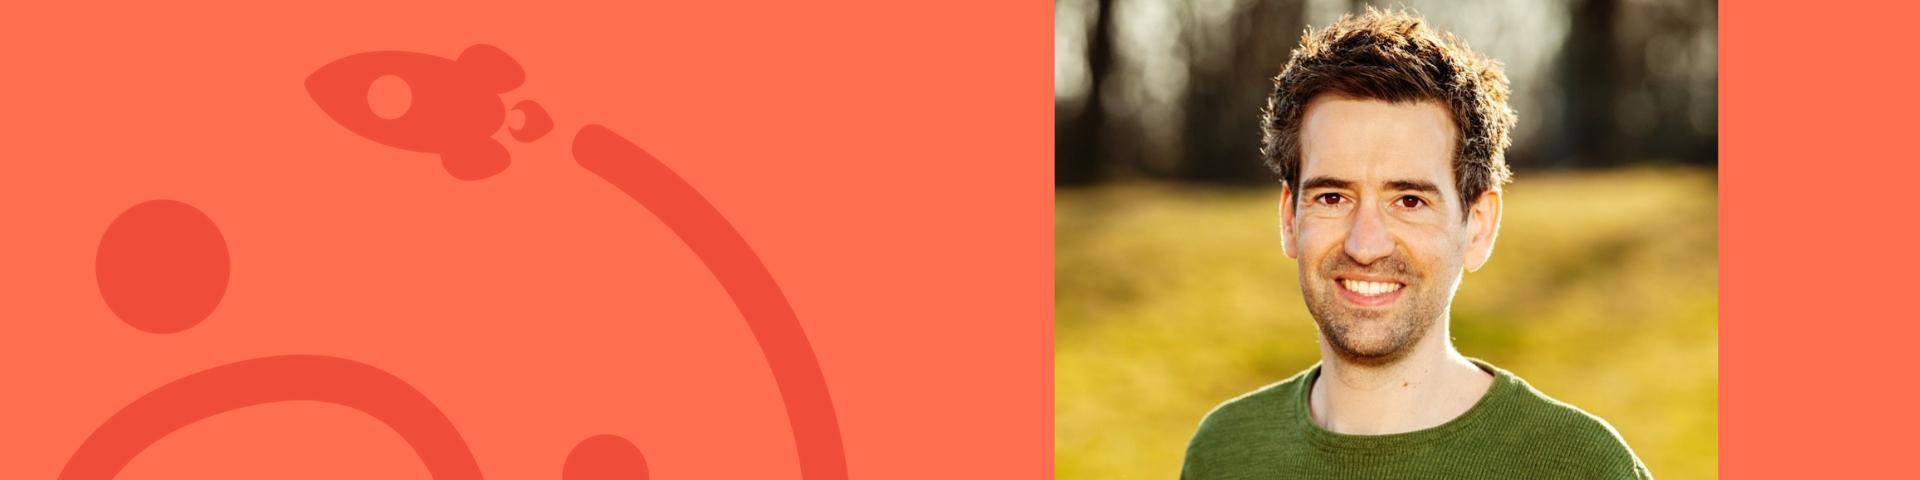 Founder Interview: Martin Grellner, Gründer von djoon